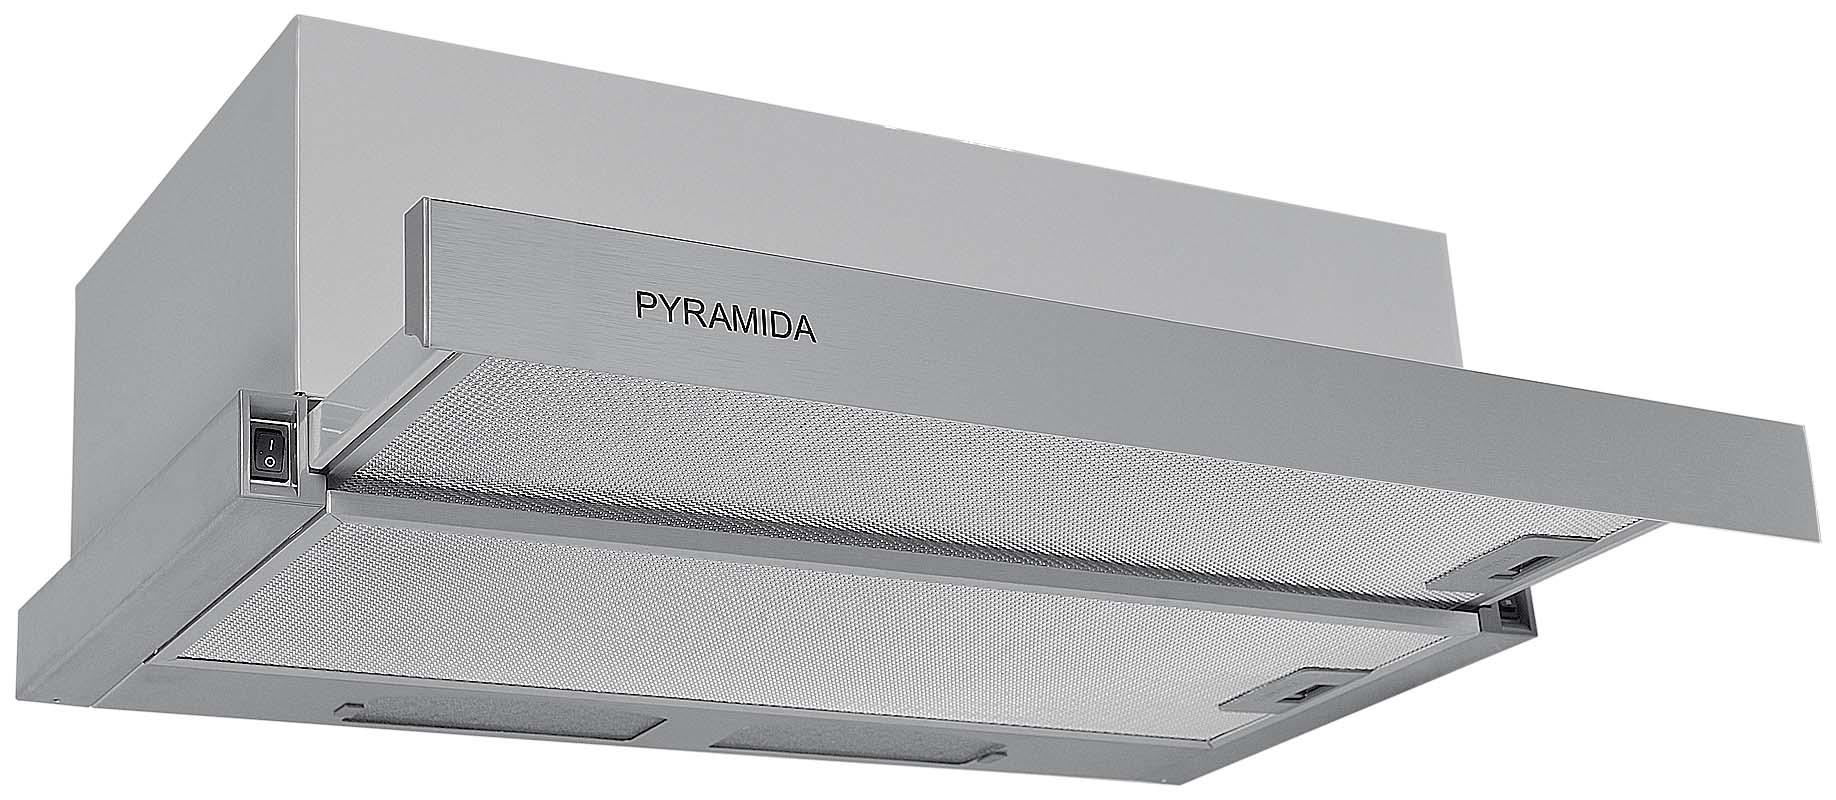 Вытяжка Pyramida Tl 60 ix вытяжка встраиваемая в шкаф 60 см pyramida tl 60 slim br